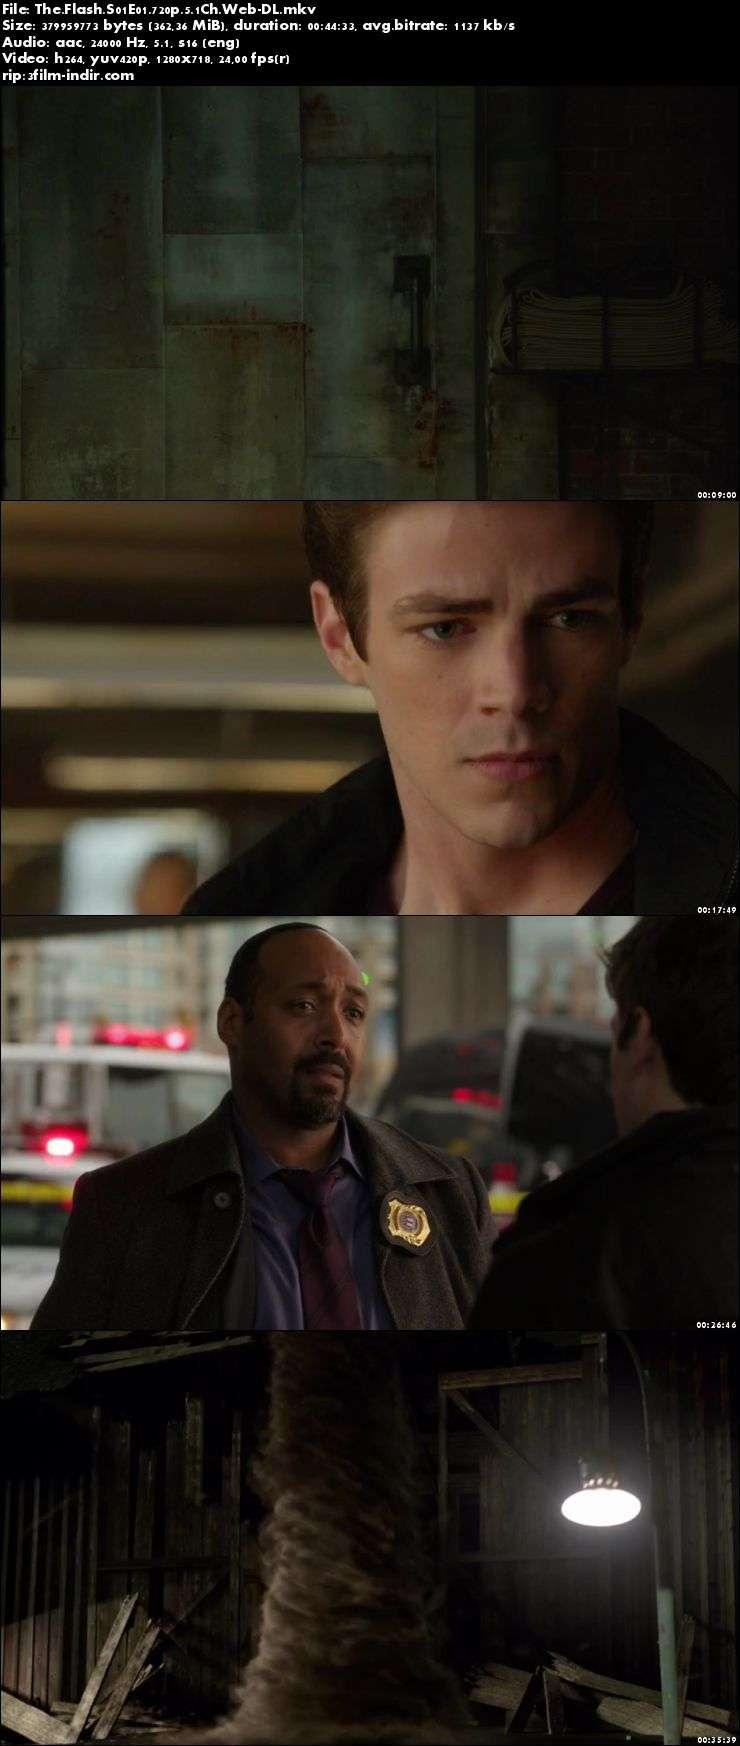 The Flash (2014–) 1. Sezon Full - 2. Sezon İlk 8 ölüm Güncel 720p WEBDL x264 Türkçe Altyazılı indir